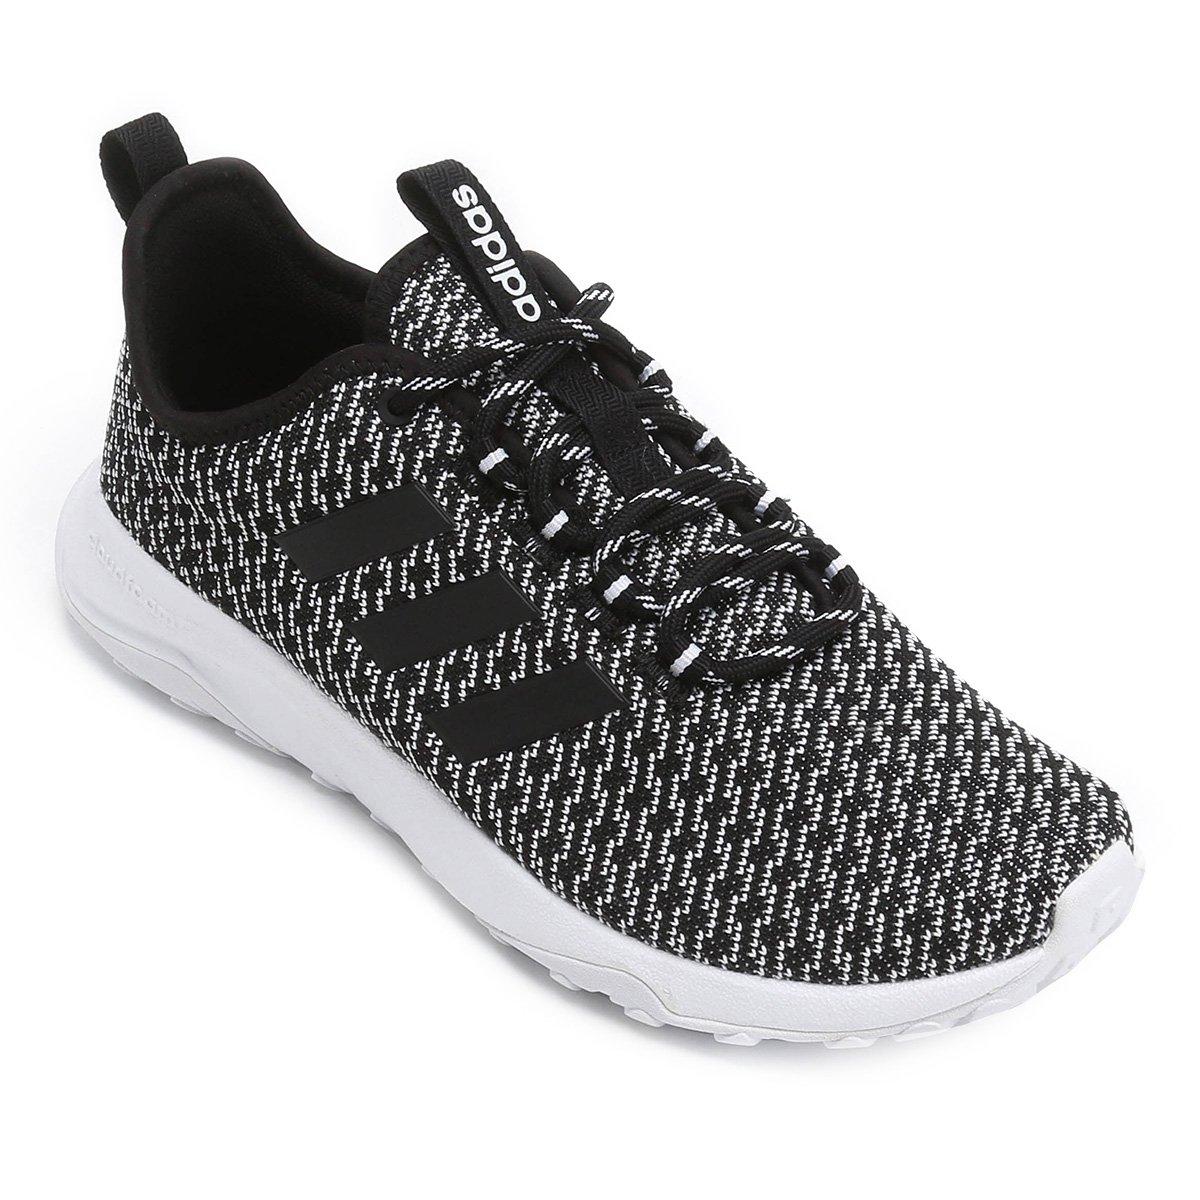 e23eb04595 Tênis Adidas Cf Super Flex Tr Masculino - Compre Agora